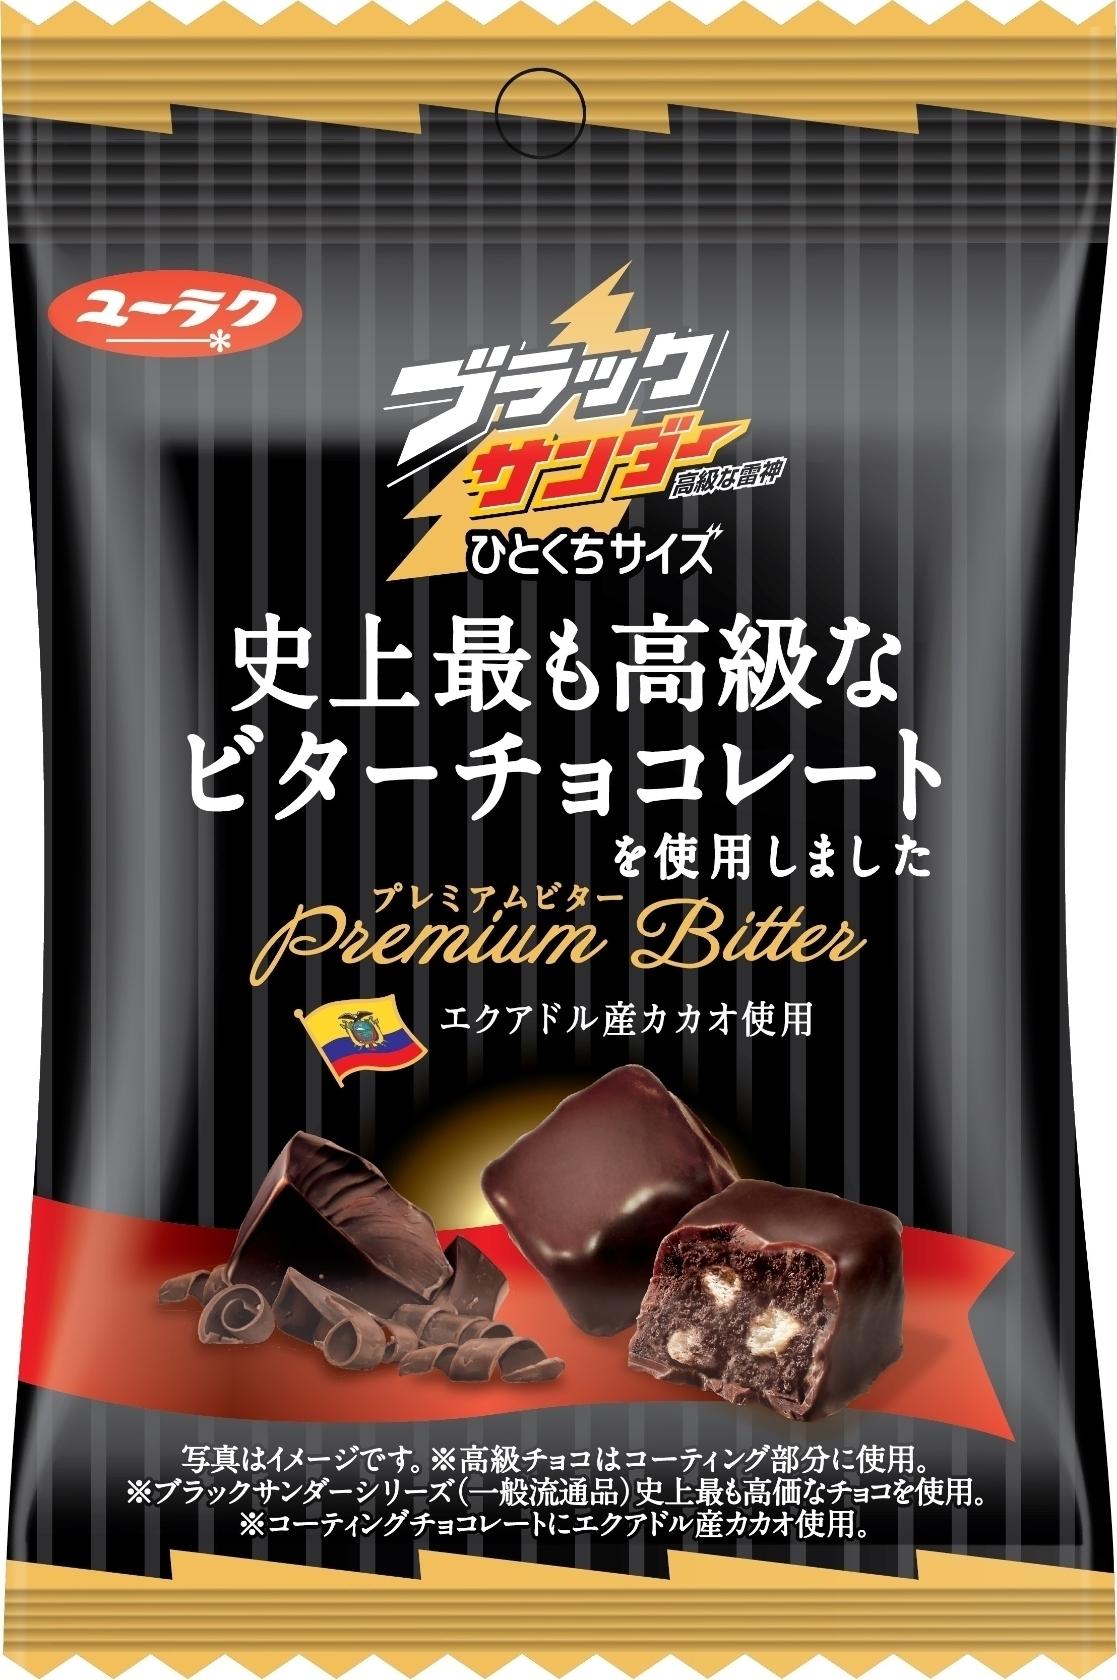 ブラック サンダー 高級 史上最も高級なブラックサンダーが登場「神の食べ物では」/関西/芸能/...